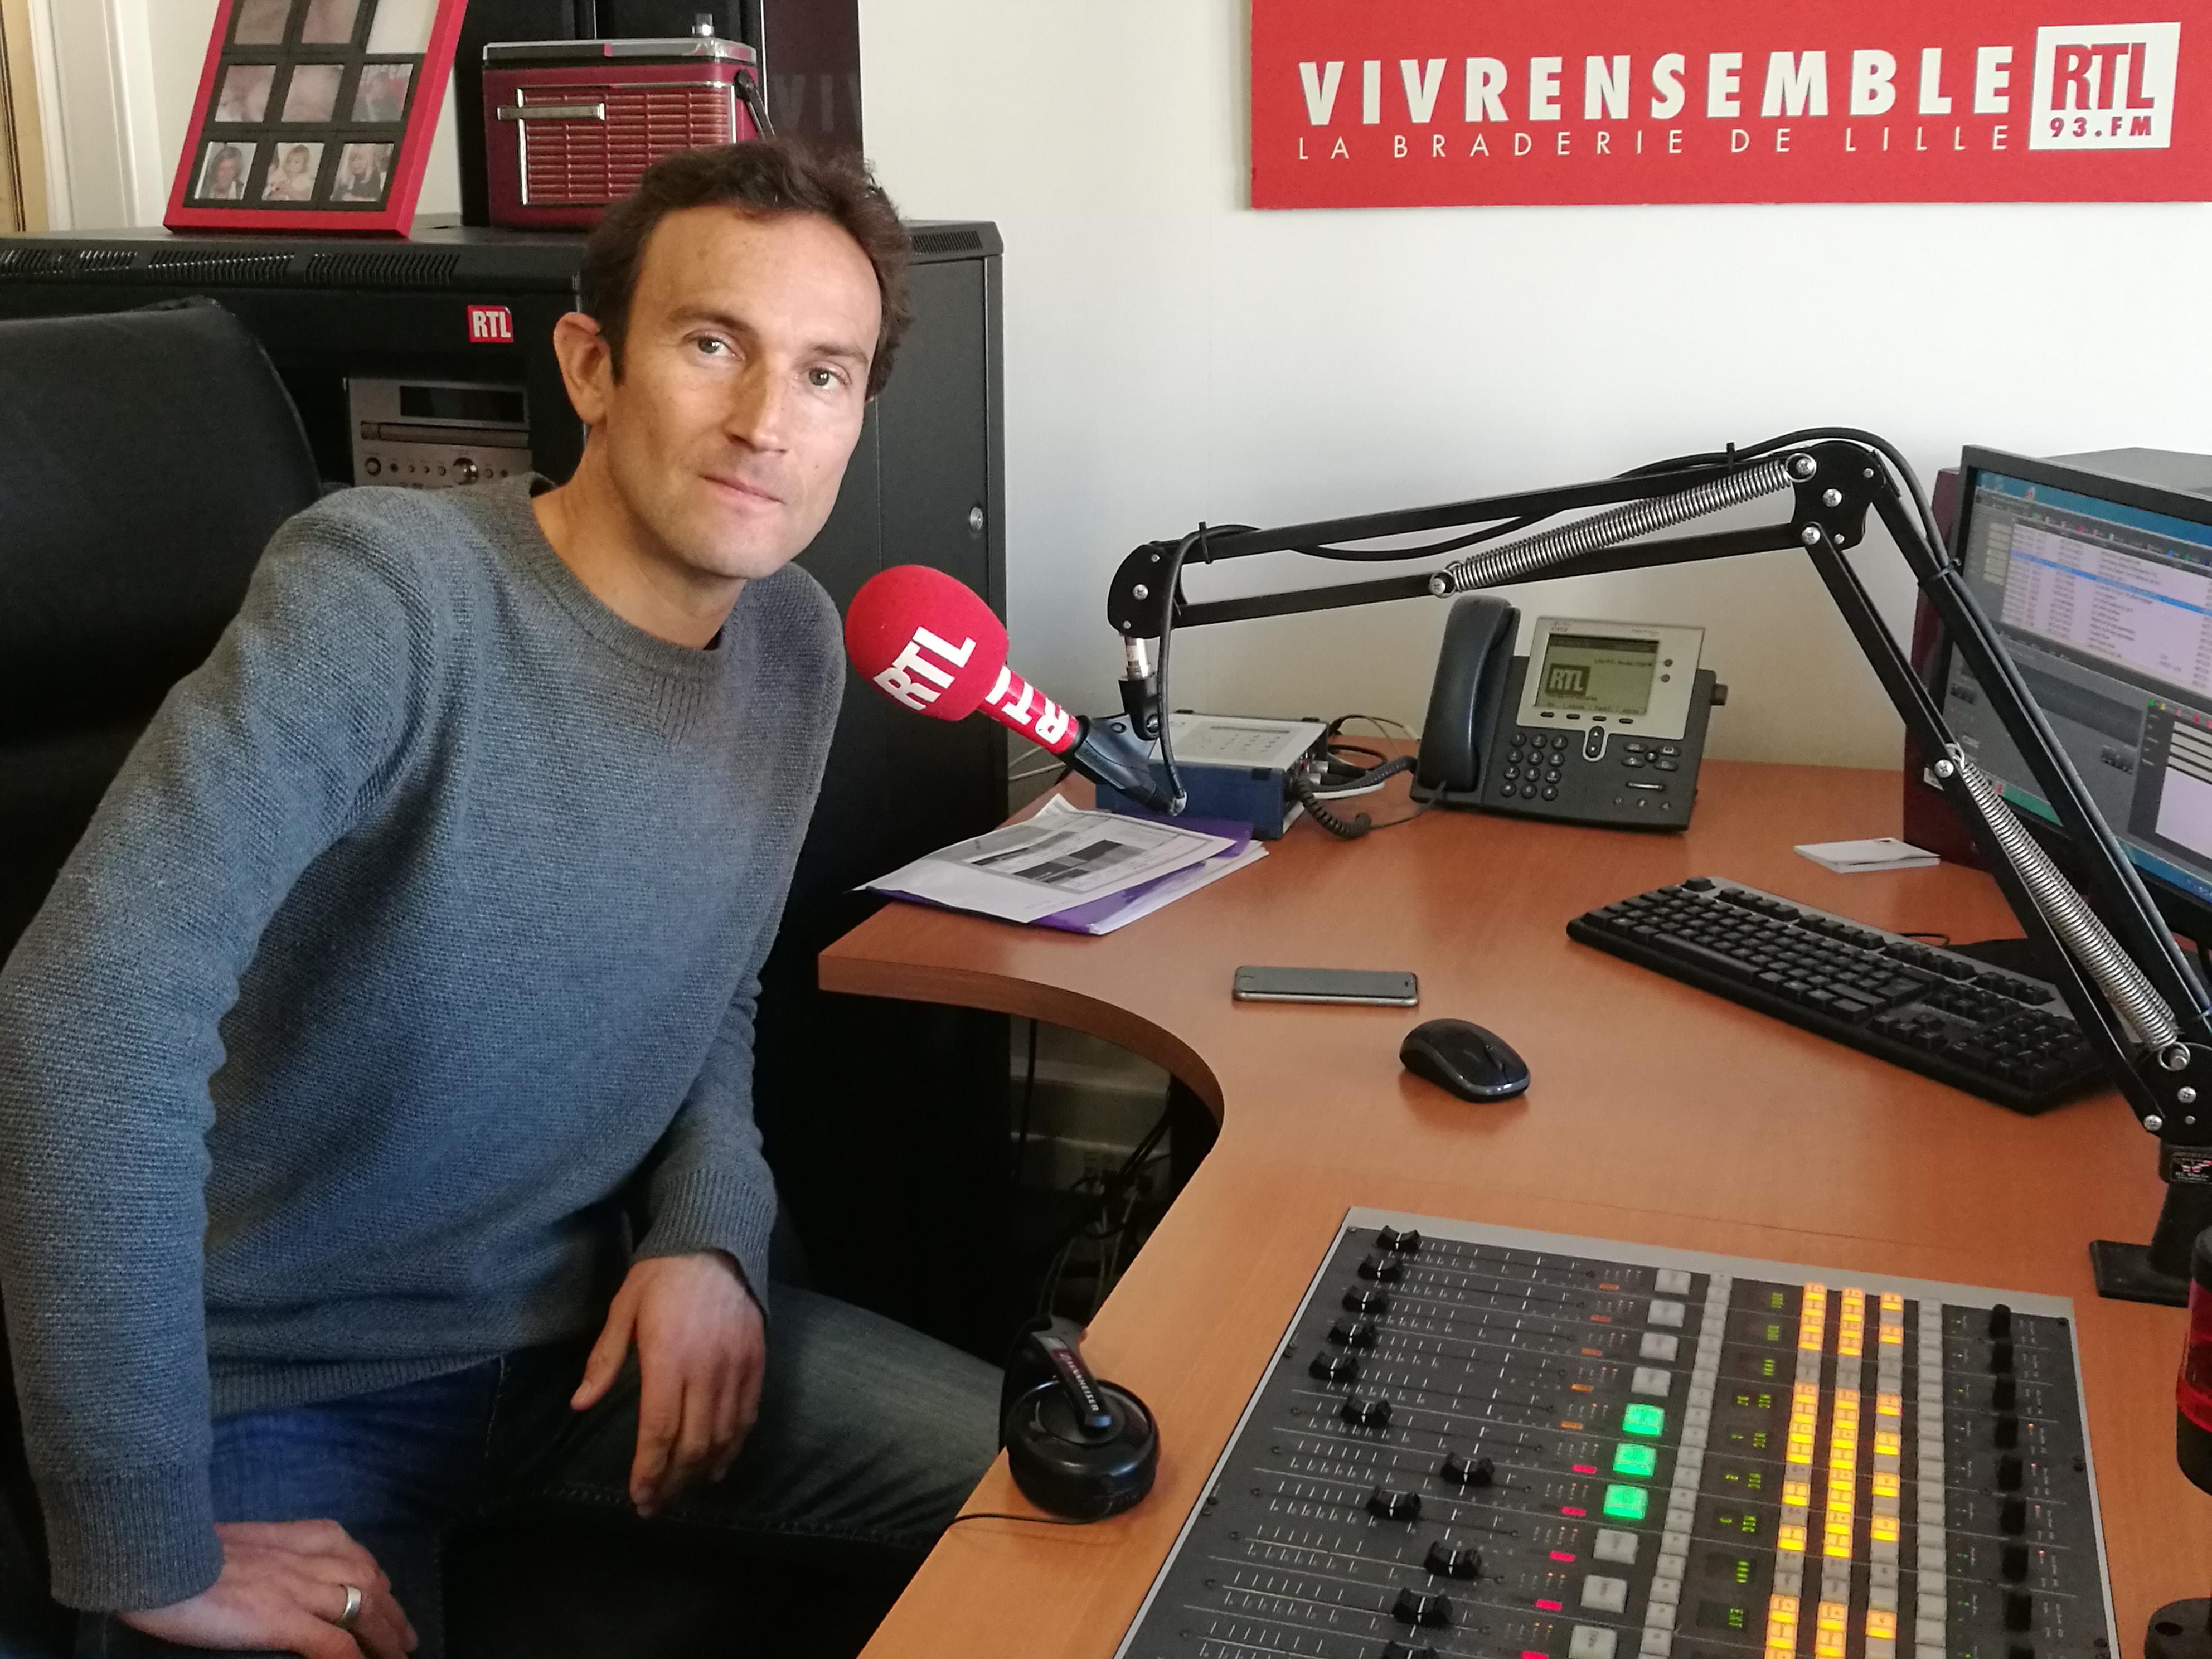 Le studio de RTL à Lille permet aux invités lillois d'être en direct dans les émissions nationales. © Olivier Malcurat – 3XL Médias